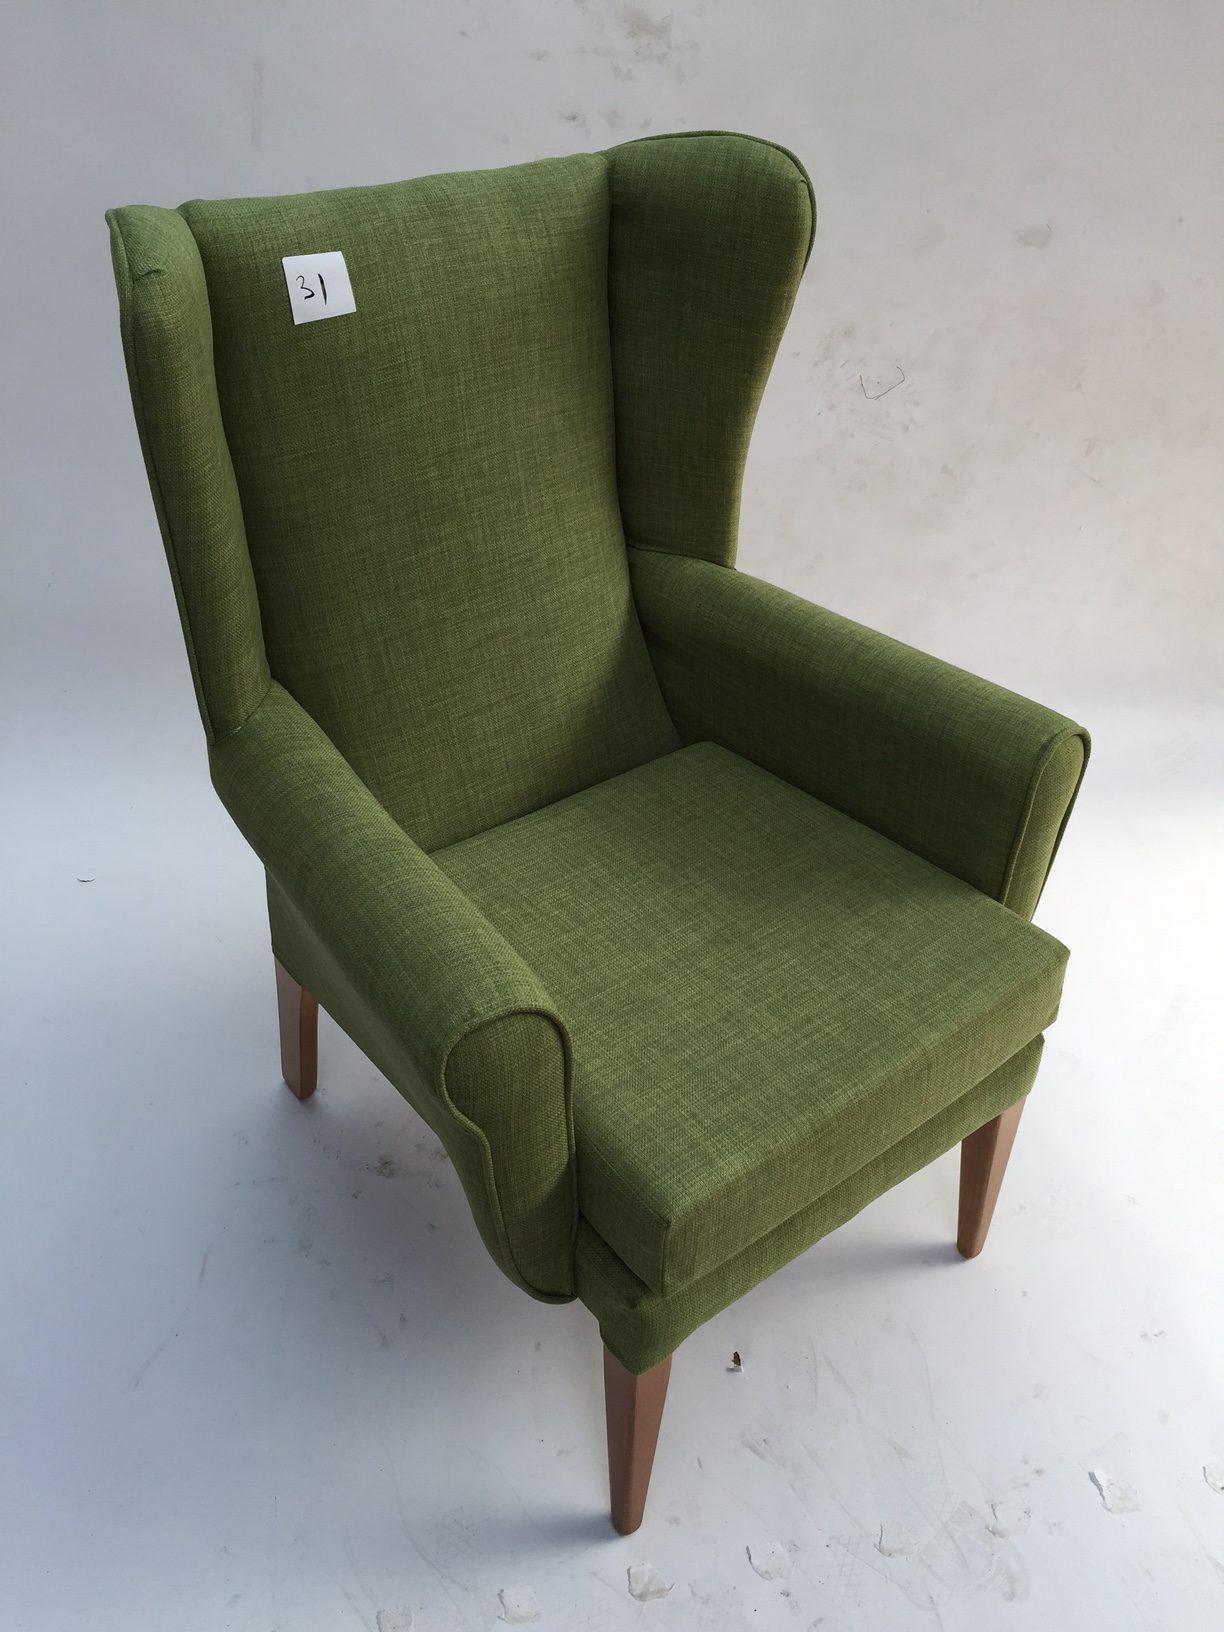 p chair xl pride quantum asp powerchair